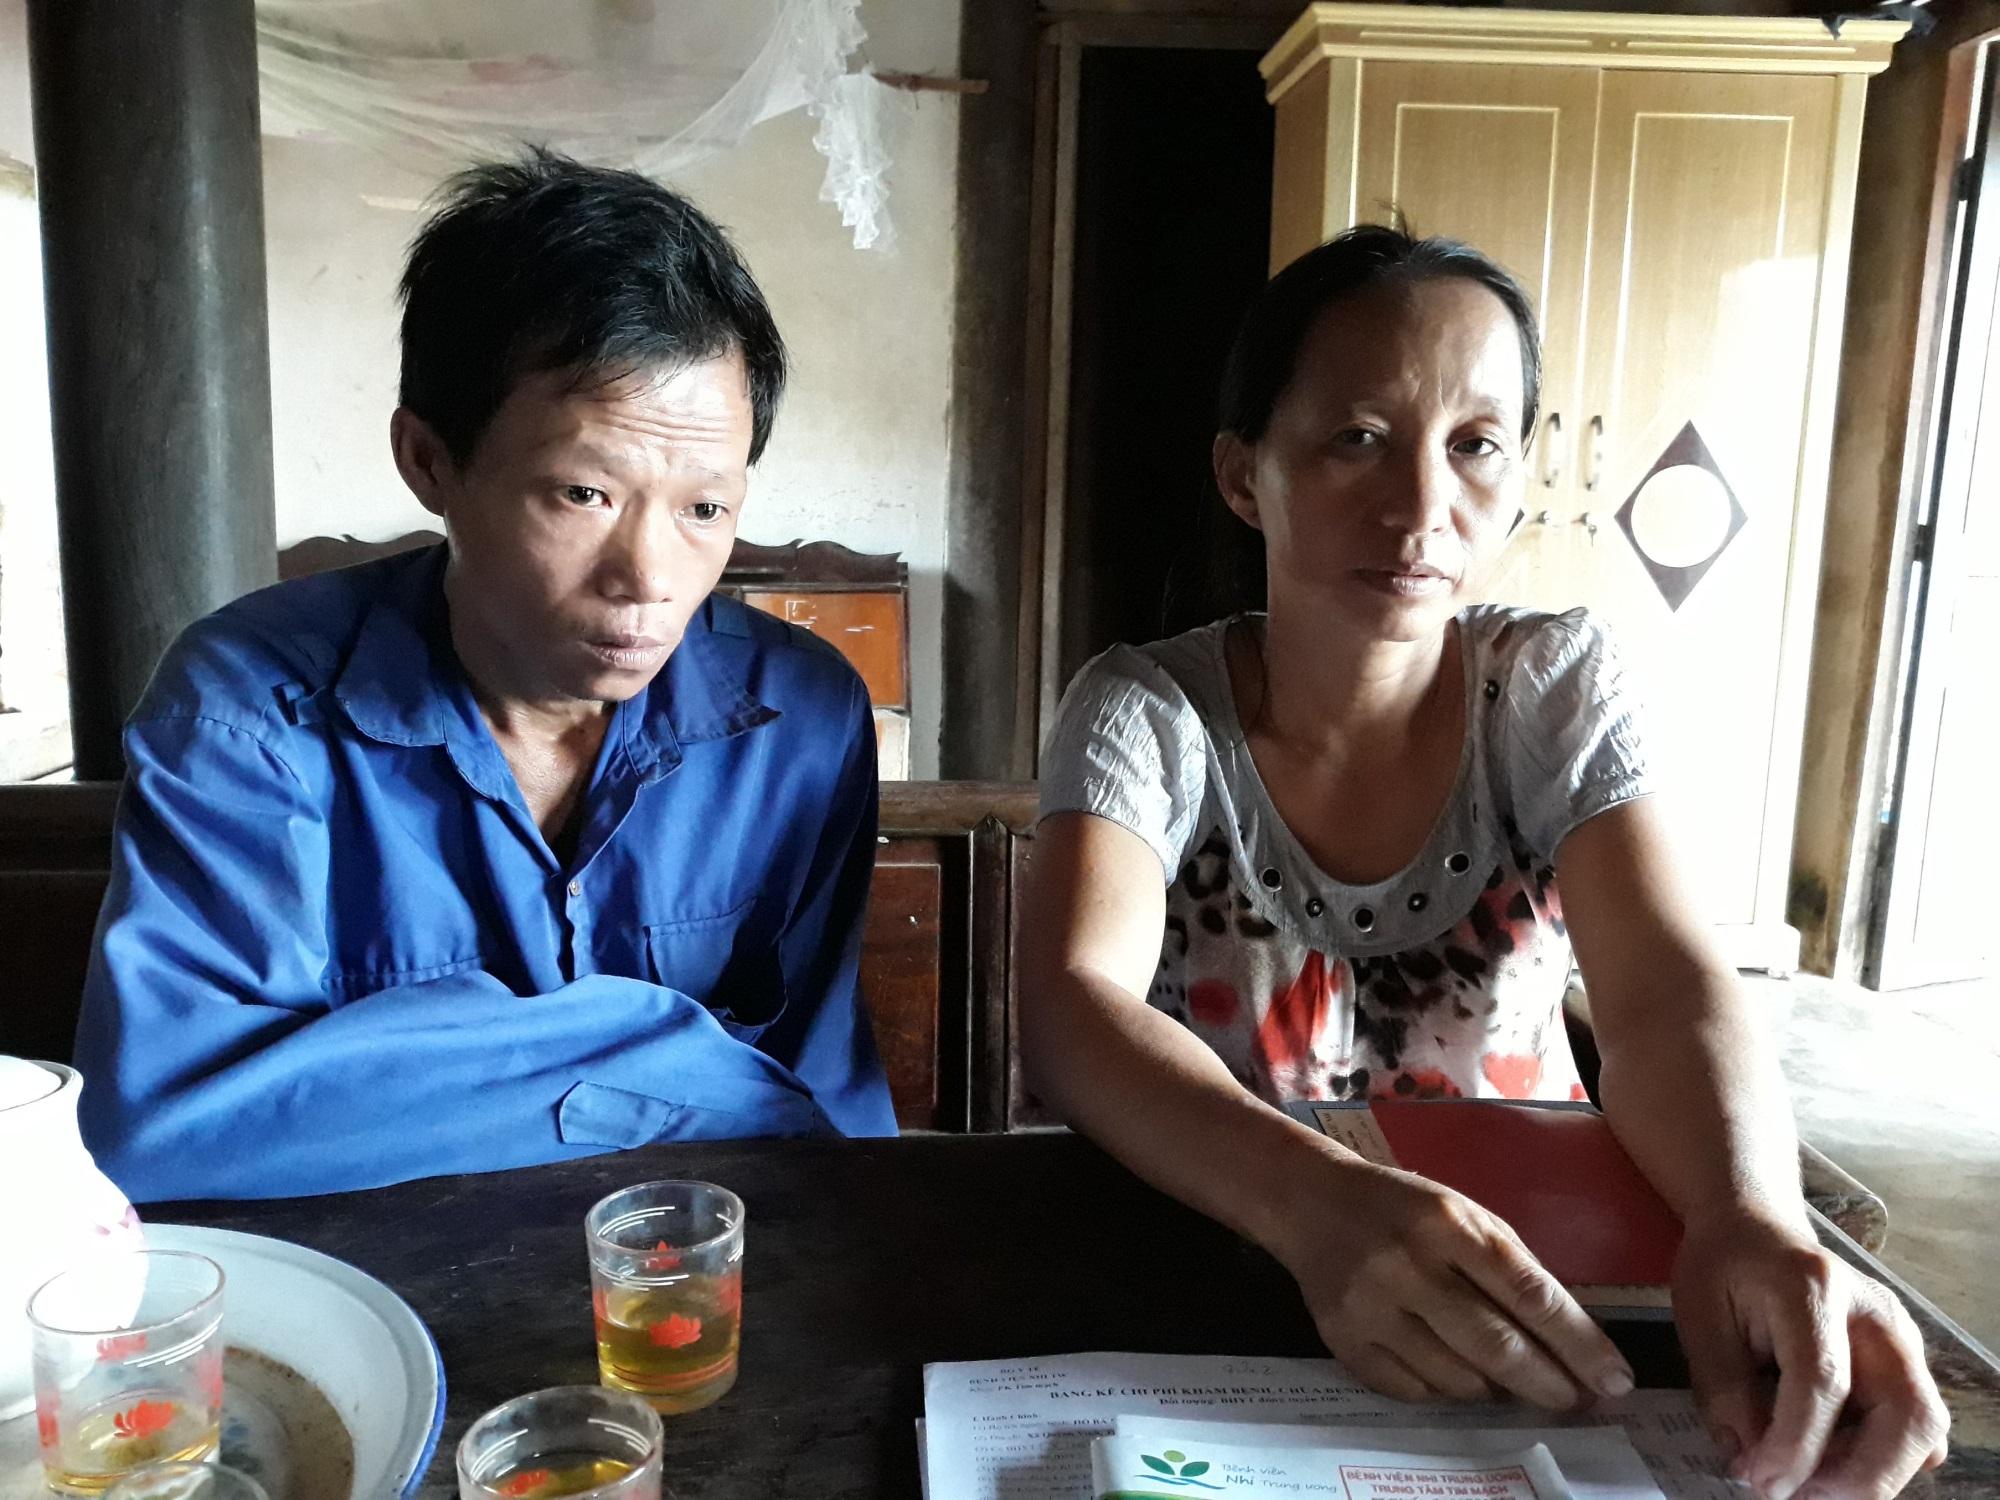 Lời cầu cứu của cặp vợ chồng bất hạnh: 'Xin mọi người dang rộng vòng tay cứu lấy con tôi' - Ảnh 2